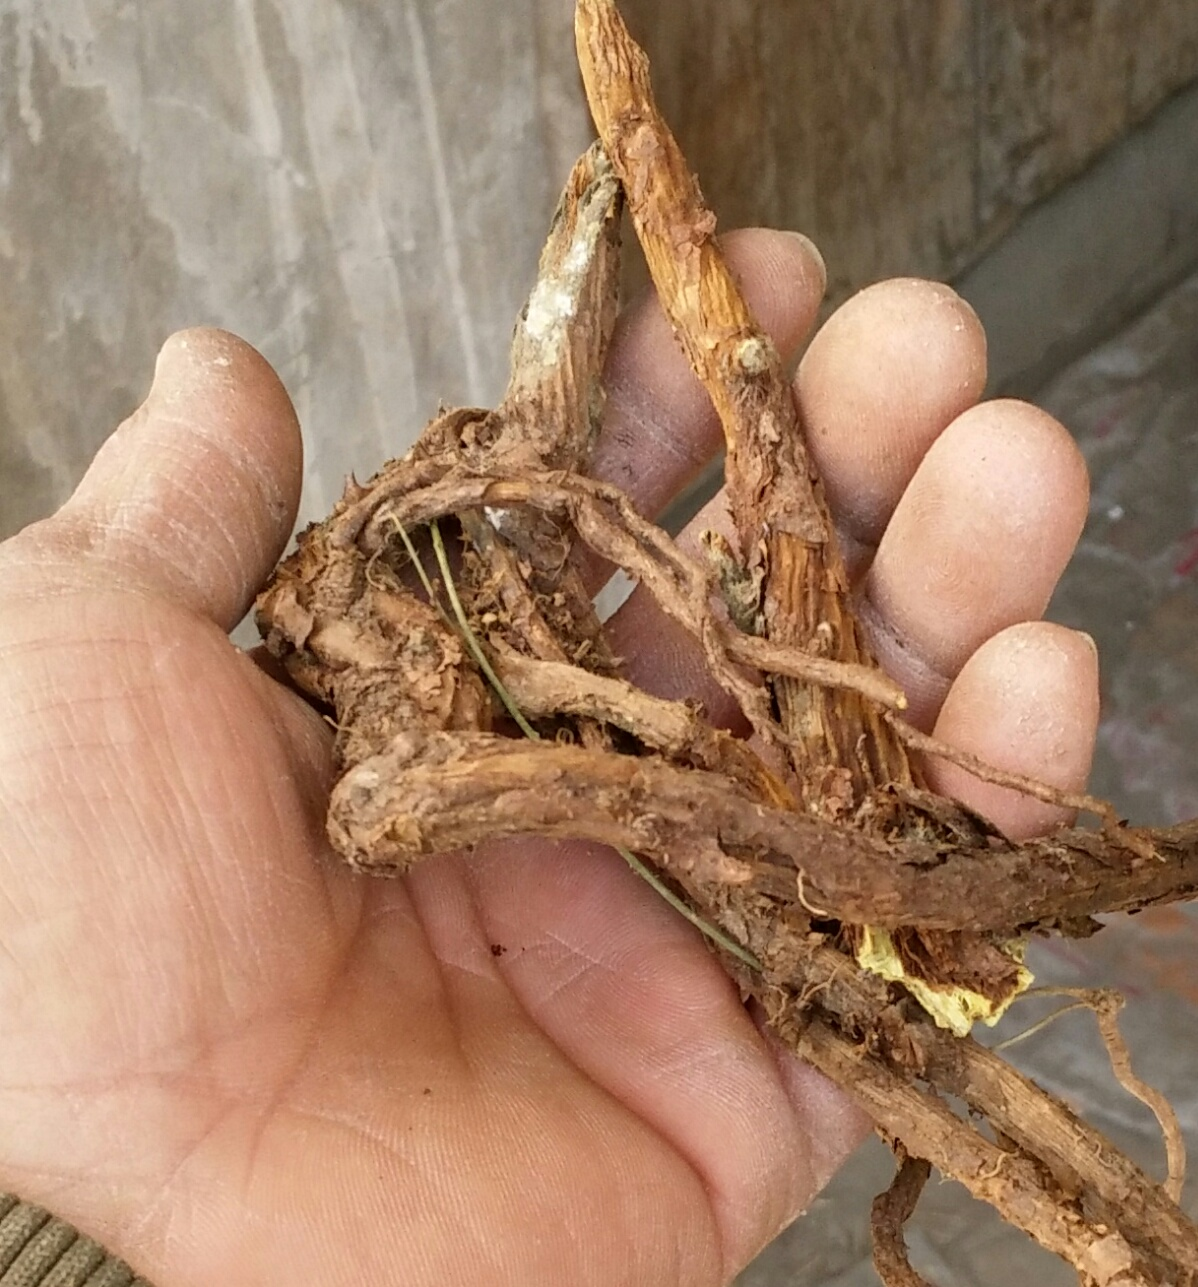 В трава медицина лесоматериалы шаньси провинция лицо графство система месяцы хит желтый кожанный Цинь чистый дикий желтый Цинь полый высохший Цинь особая цена джин пакет mail